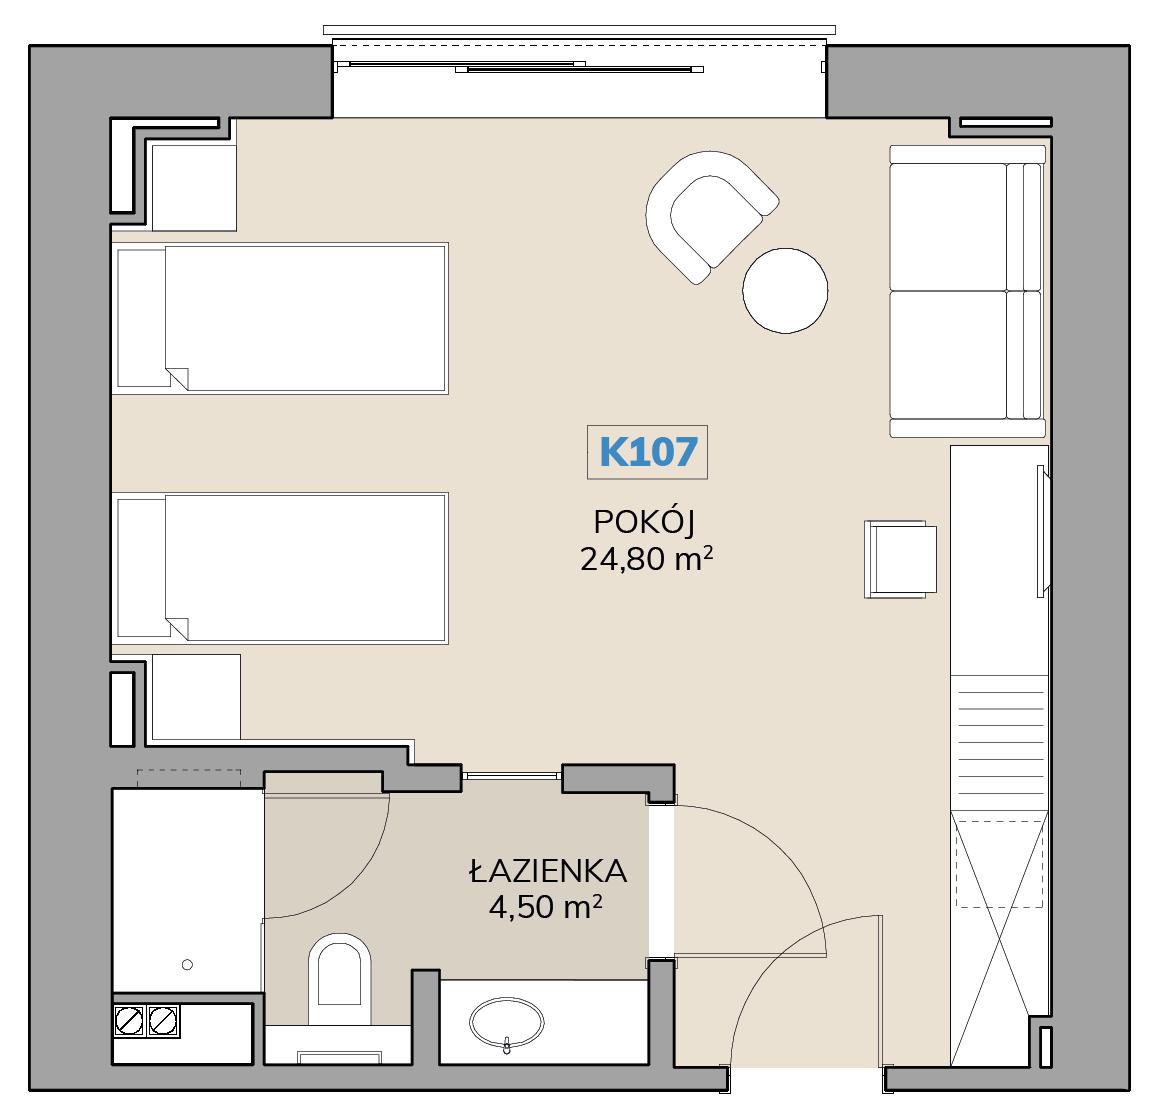 Apartament K107